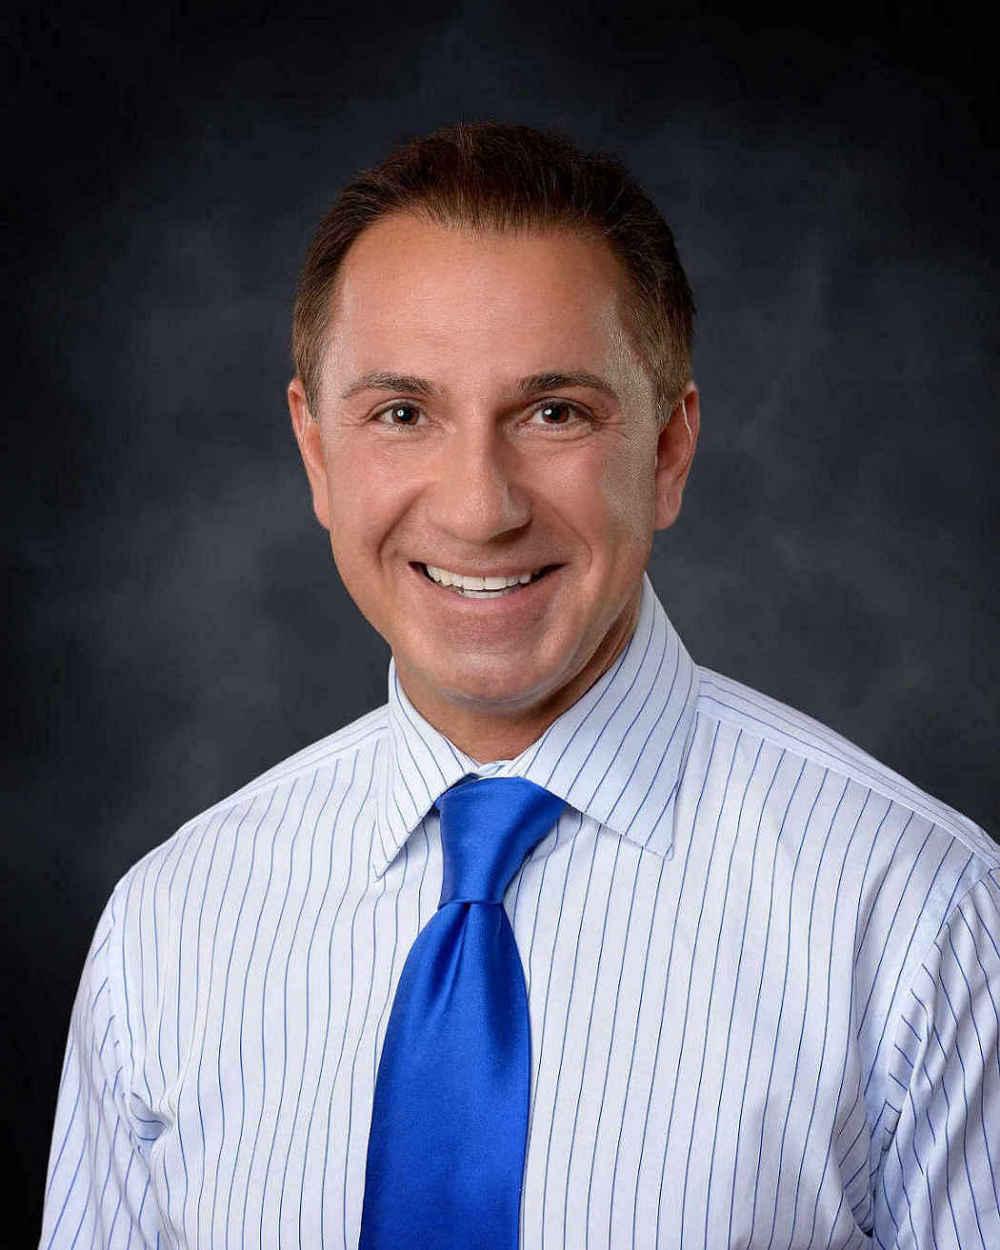 John Marazzi, Managing Partner, Sun Toyota & Scion